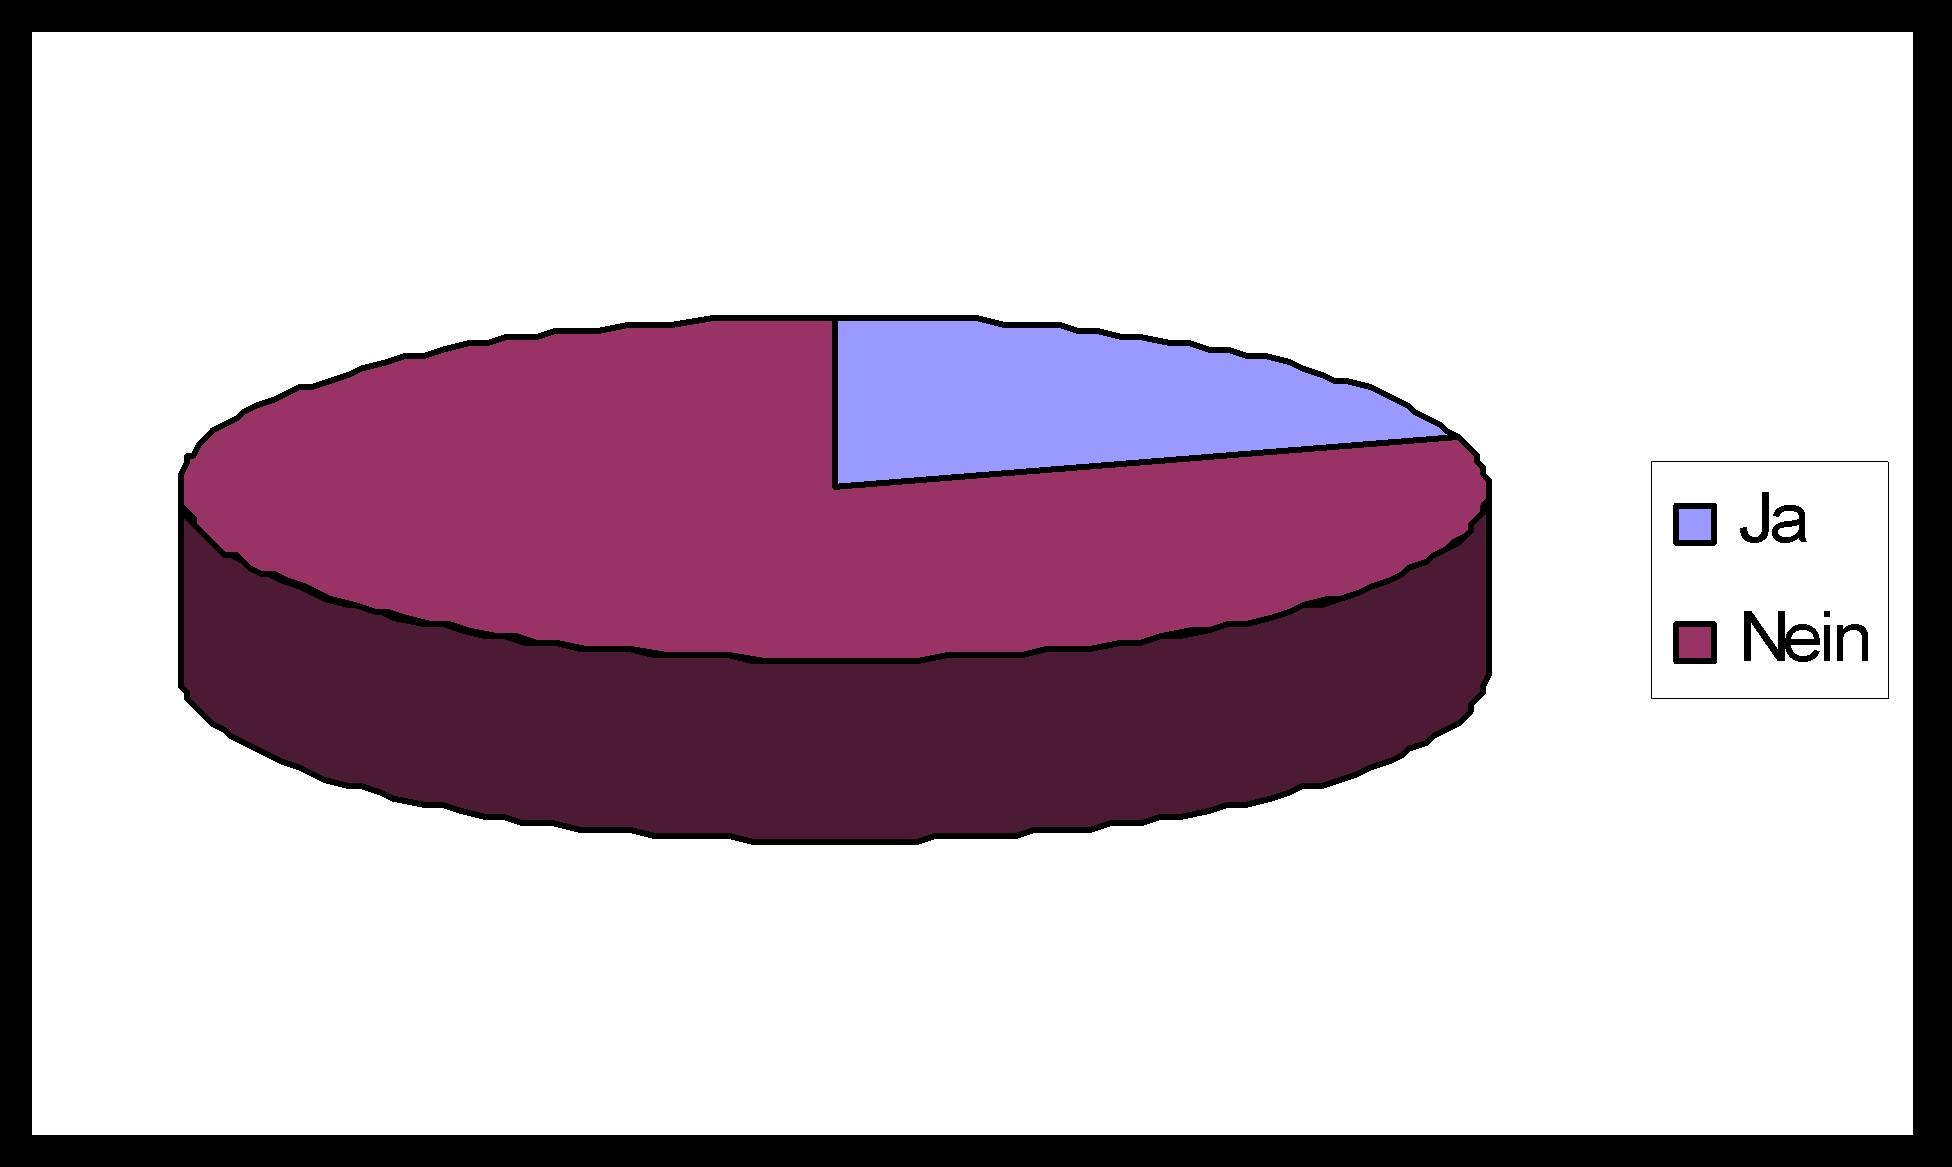 Pin Umfrage Schöne Freunde Sind Das Auf Facebook on Pinterest